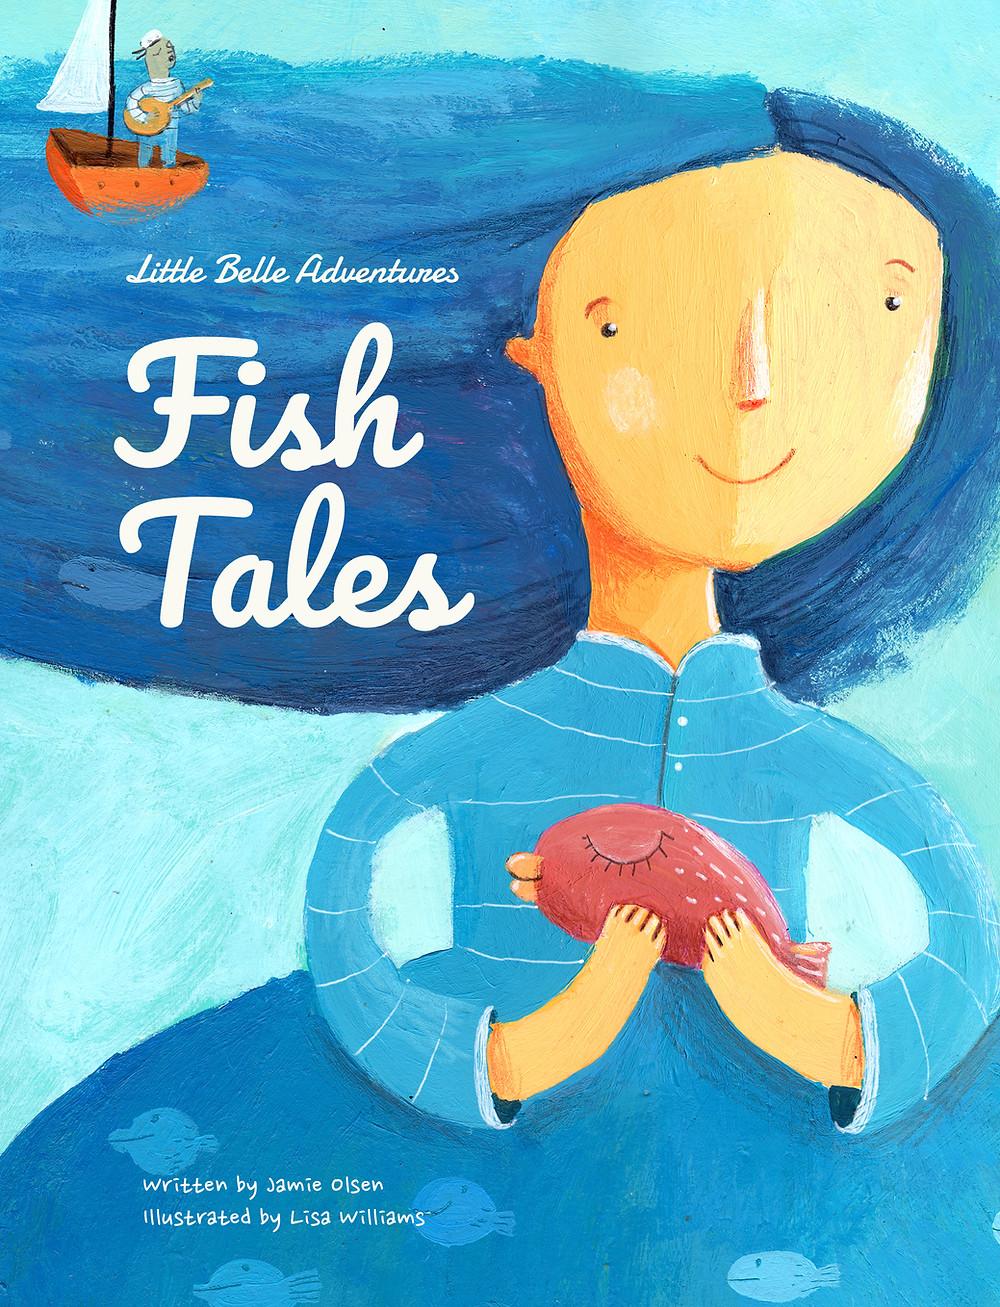 עריכה ספרותית של ספרי ילדים מתווכת  בין עולמו של הכותב המבוגר לעולמו של הנמען - הילד, מבלי לוותר על הלשון העשירה, על מהימנות המספר, מורכבות העלילה ועוד.